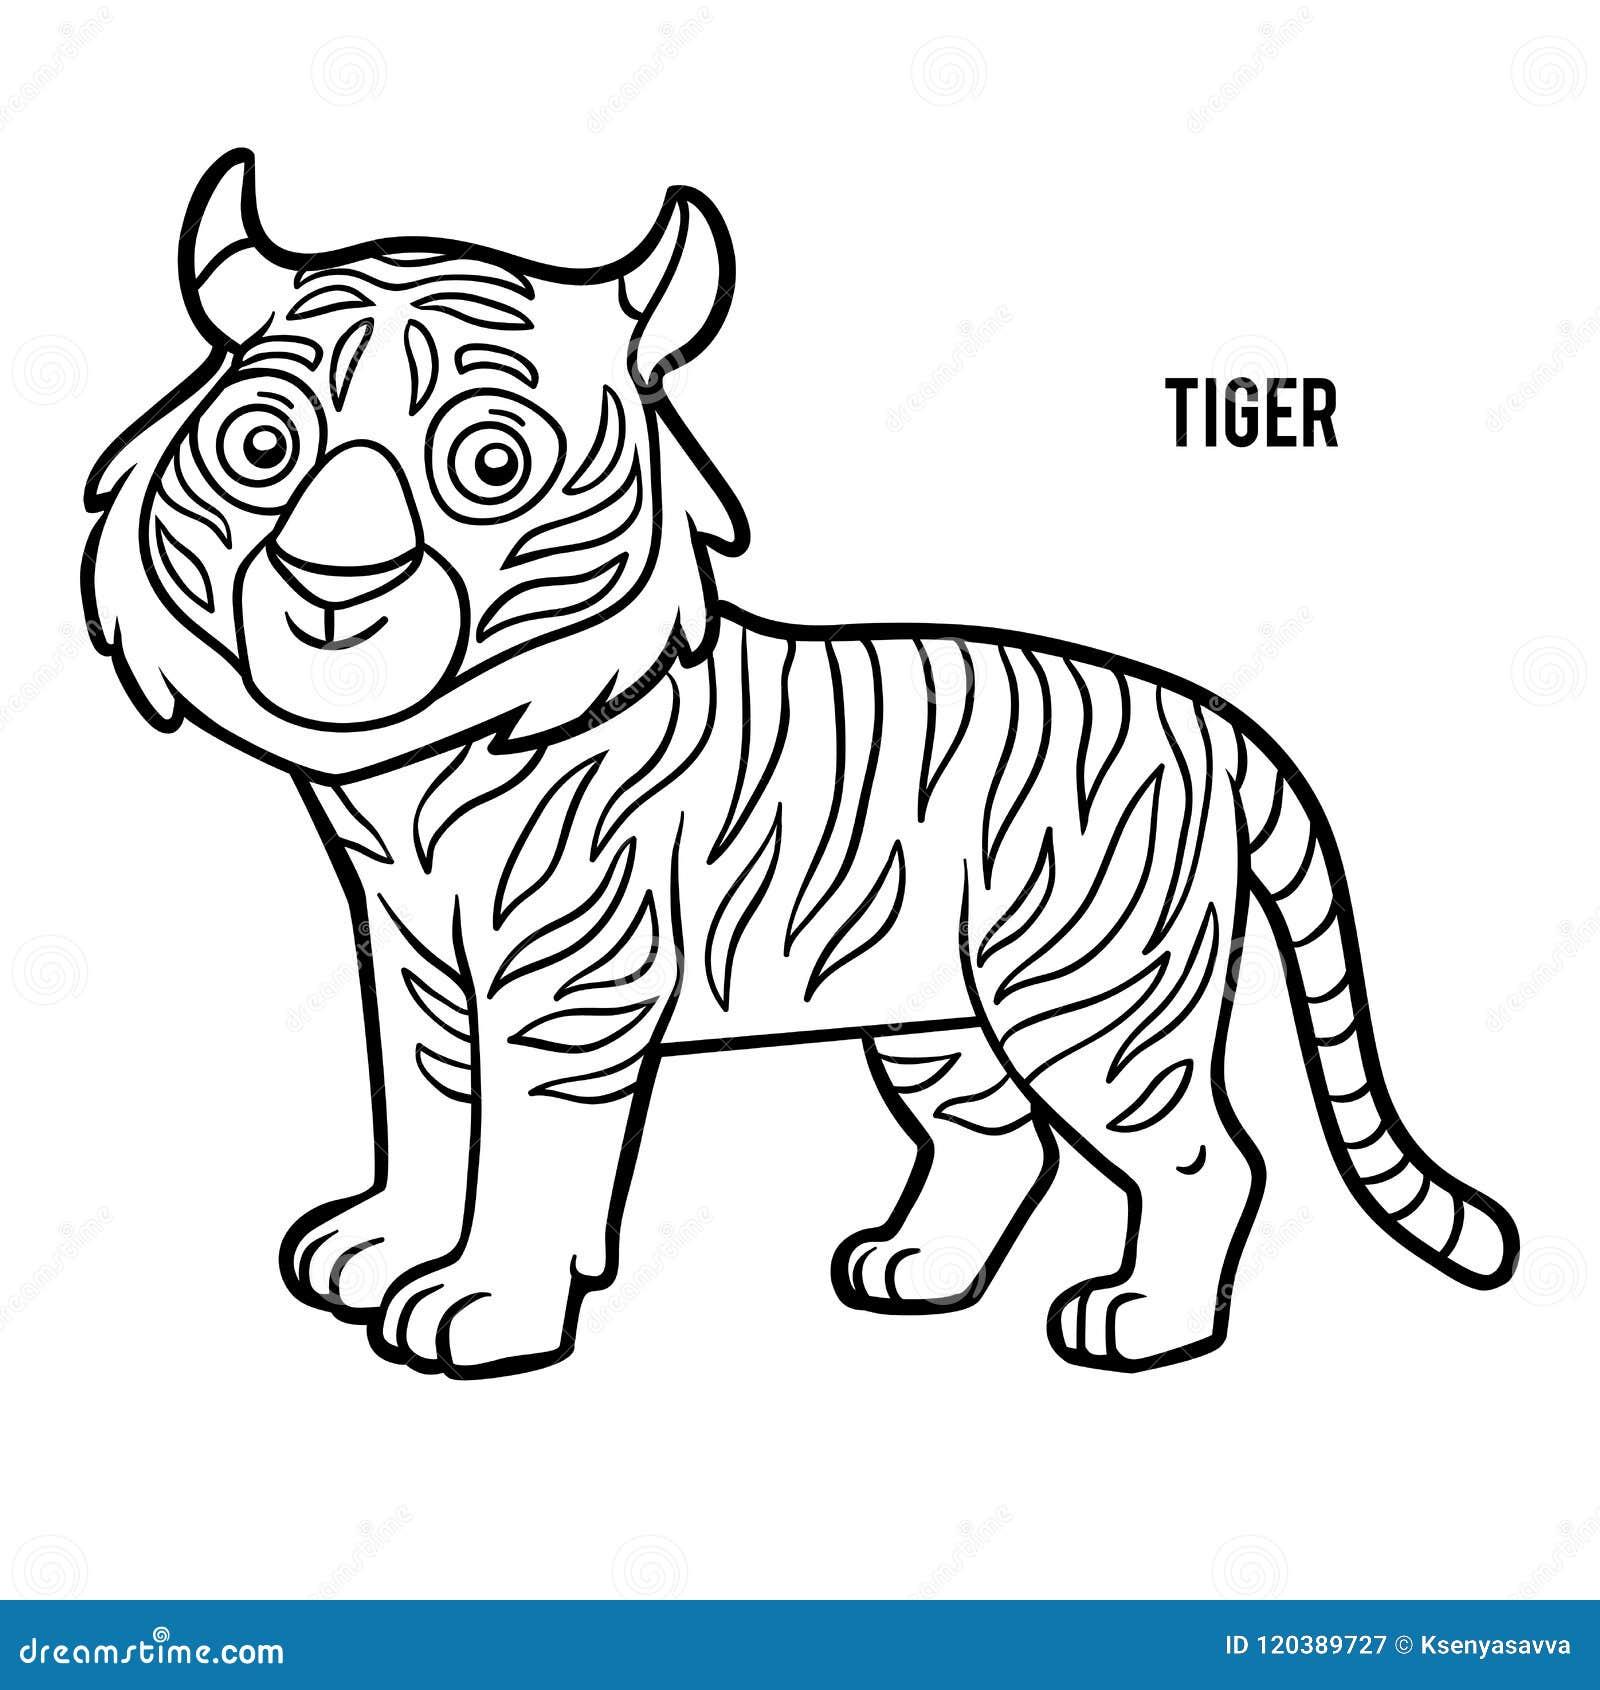 Coloriage Tigre.Livre De Coloriage Tigre Illustration De Vecteur Illustration Du